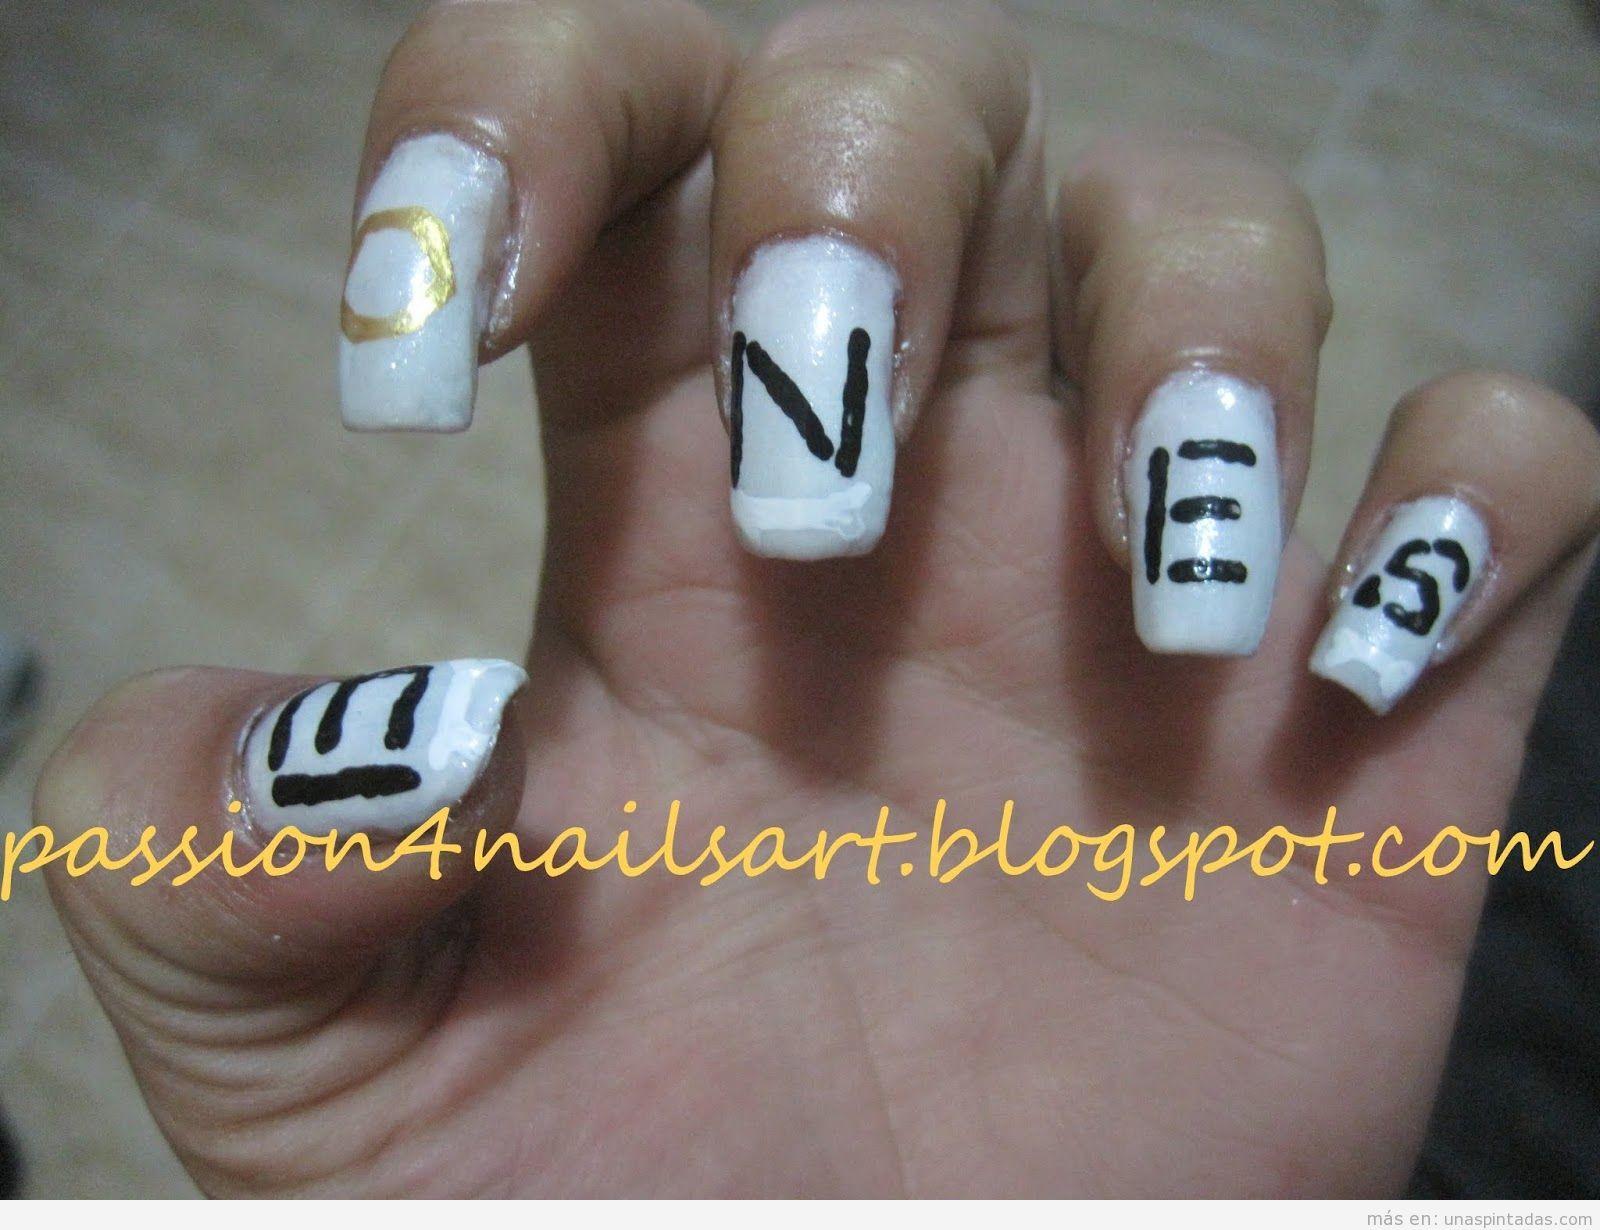 Diseño de uñas inspirado en la serie Bones